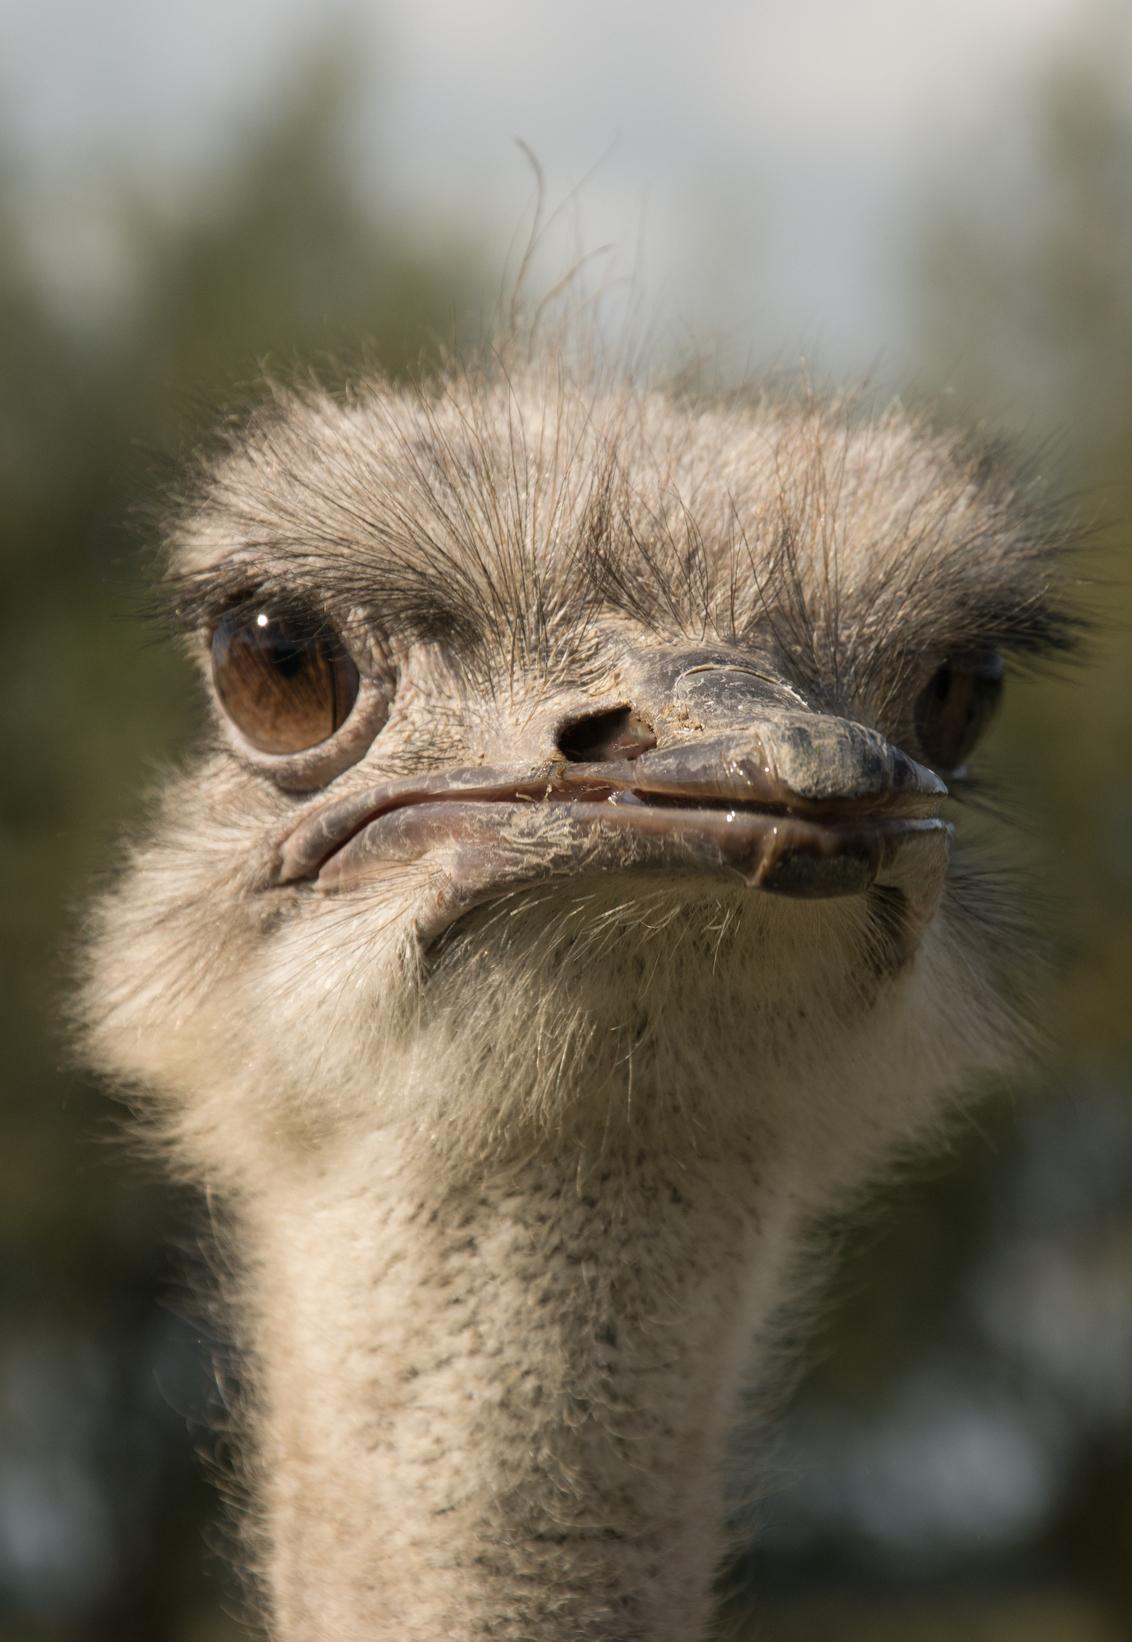 Look ad me - Bezoekje gebracht bij een struisvogel boerderij in Sluis op Zeeuws vlaanderen. - foto door goldie49 op 04-10-2018 - deze foto bevat: dieren, safari, vogel, artis, afrika